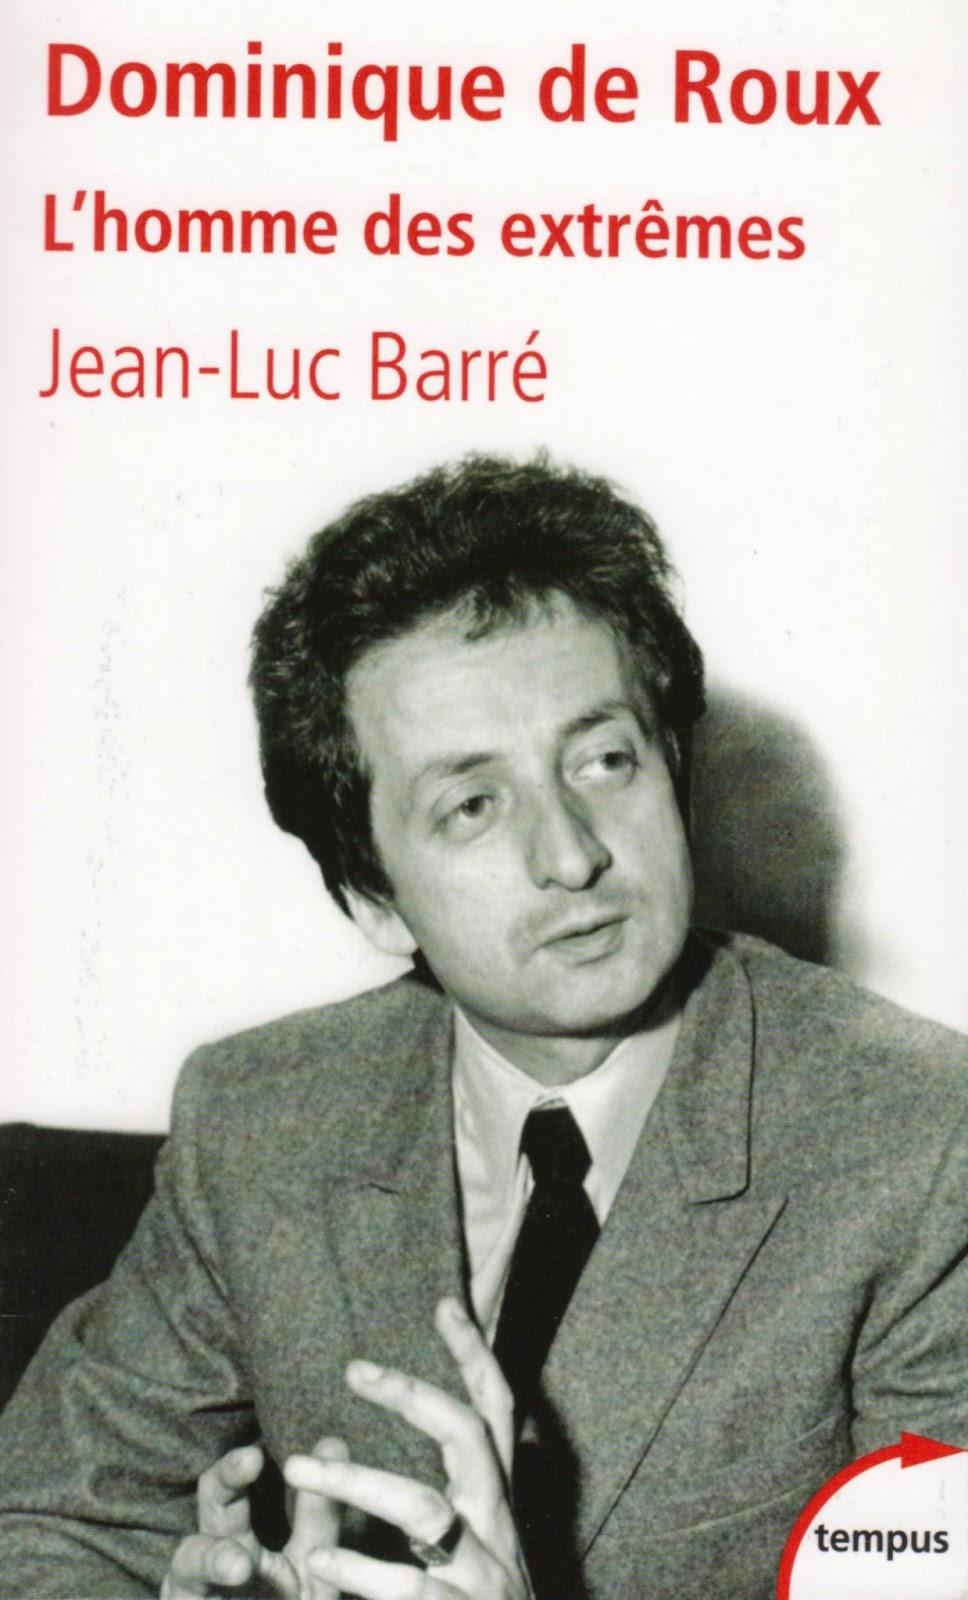 Dominique de Roux. L'homme des extrêmes - Jean-Luc Barré